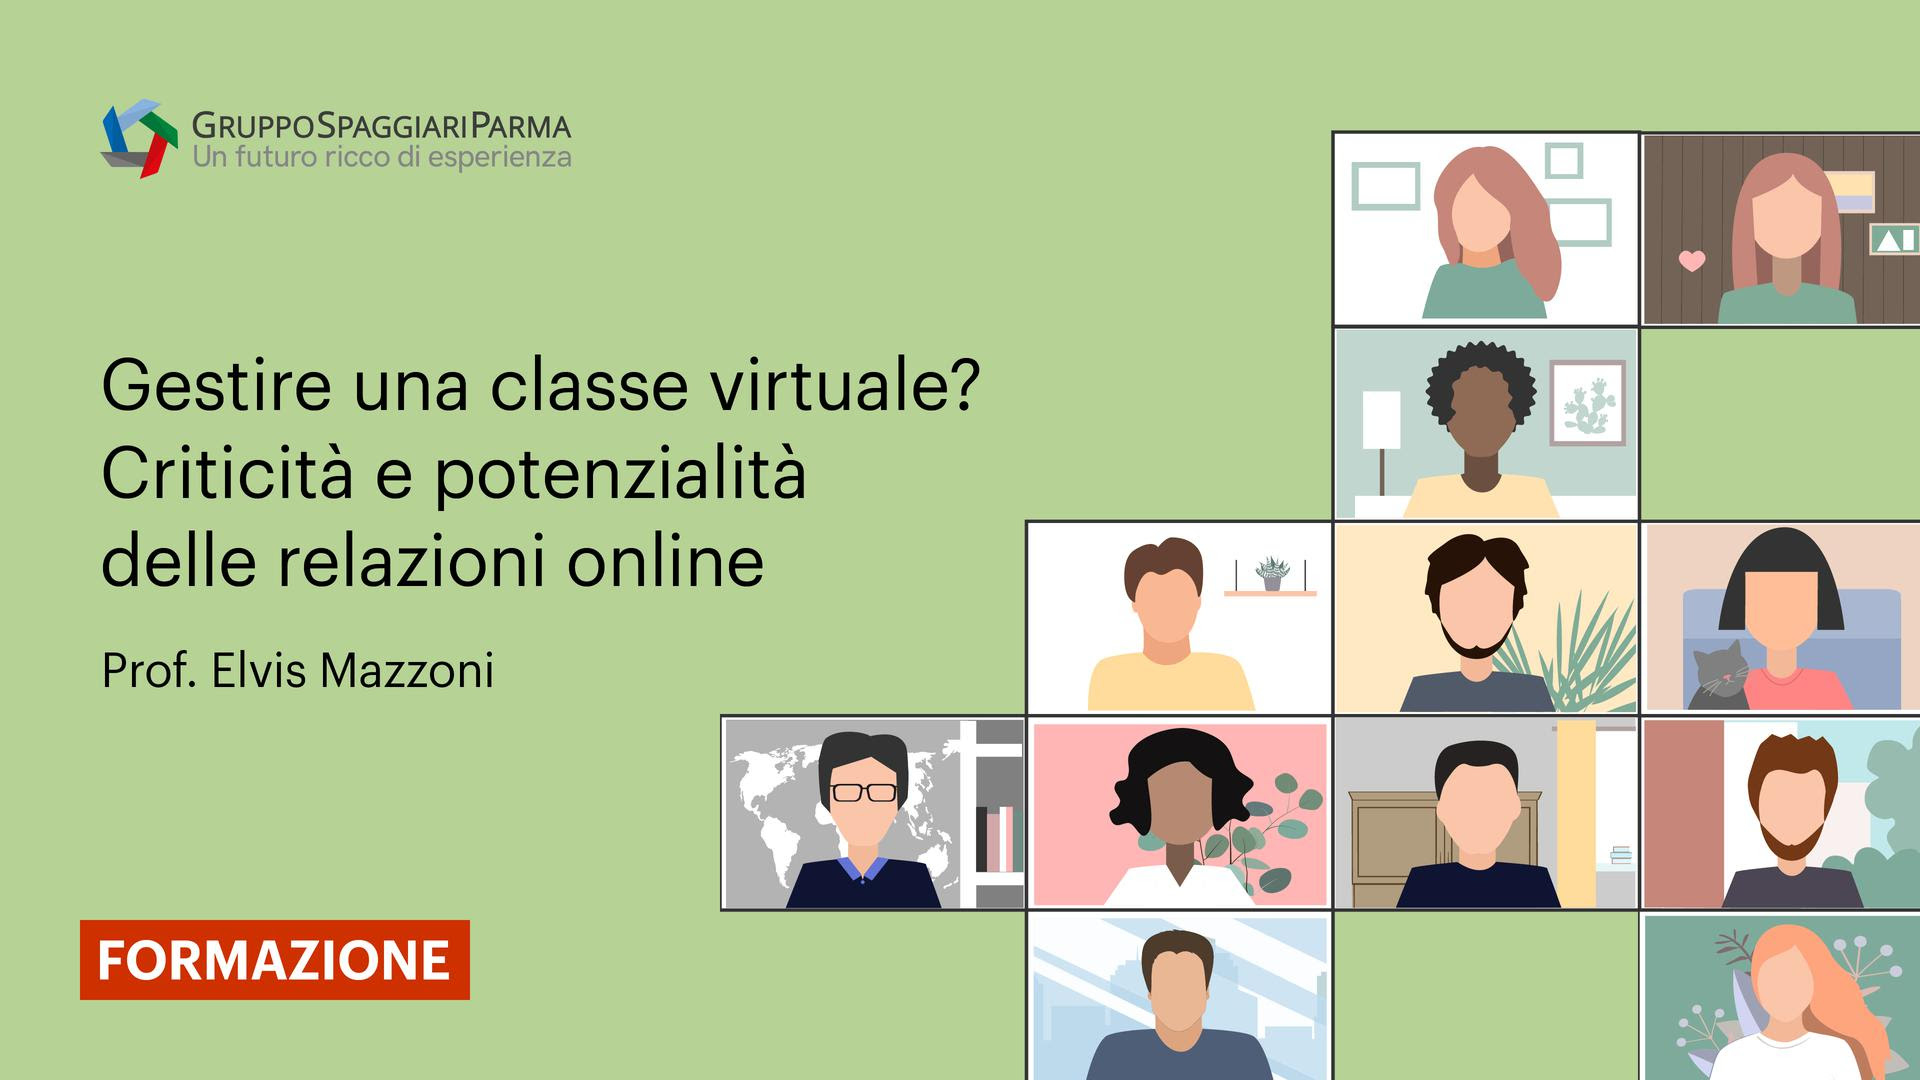 Gestire una classe virtuale? Criticità e potenzialità delle relazioni online - Prof. Elvis Mazzoni